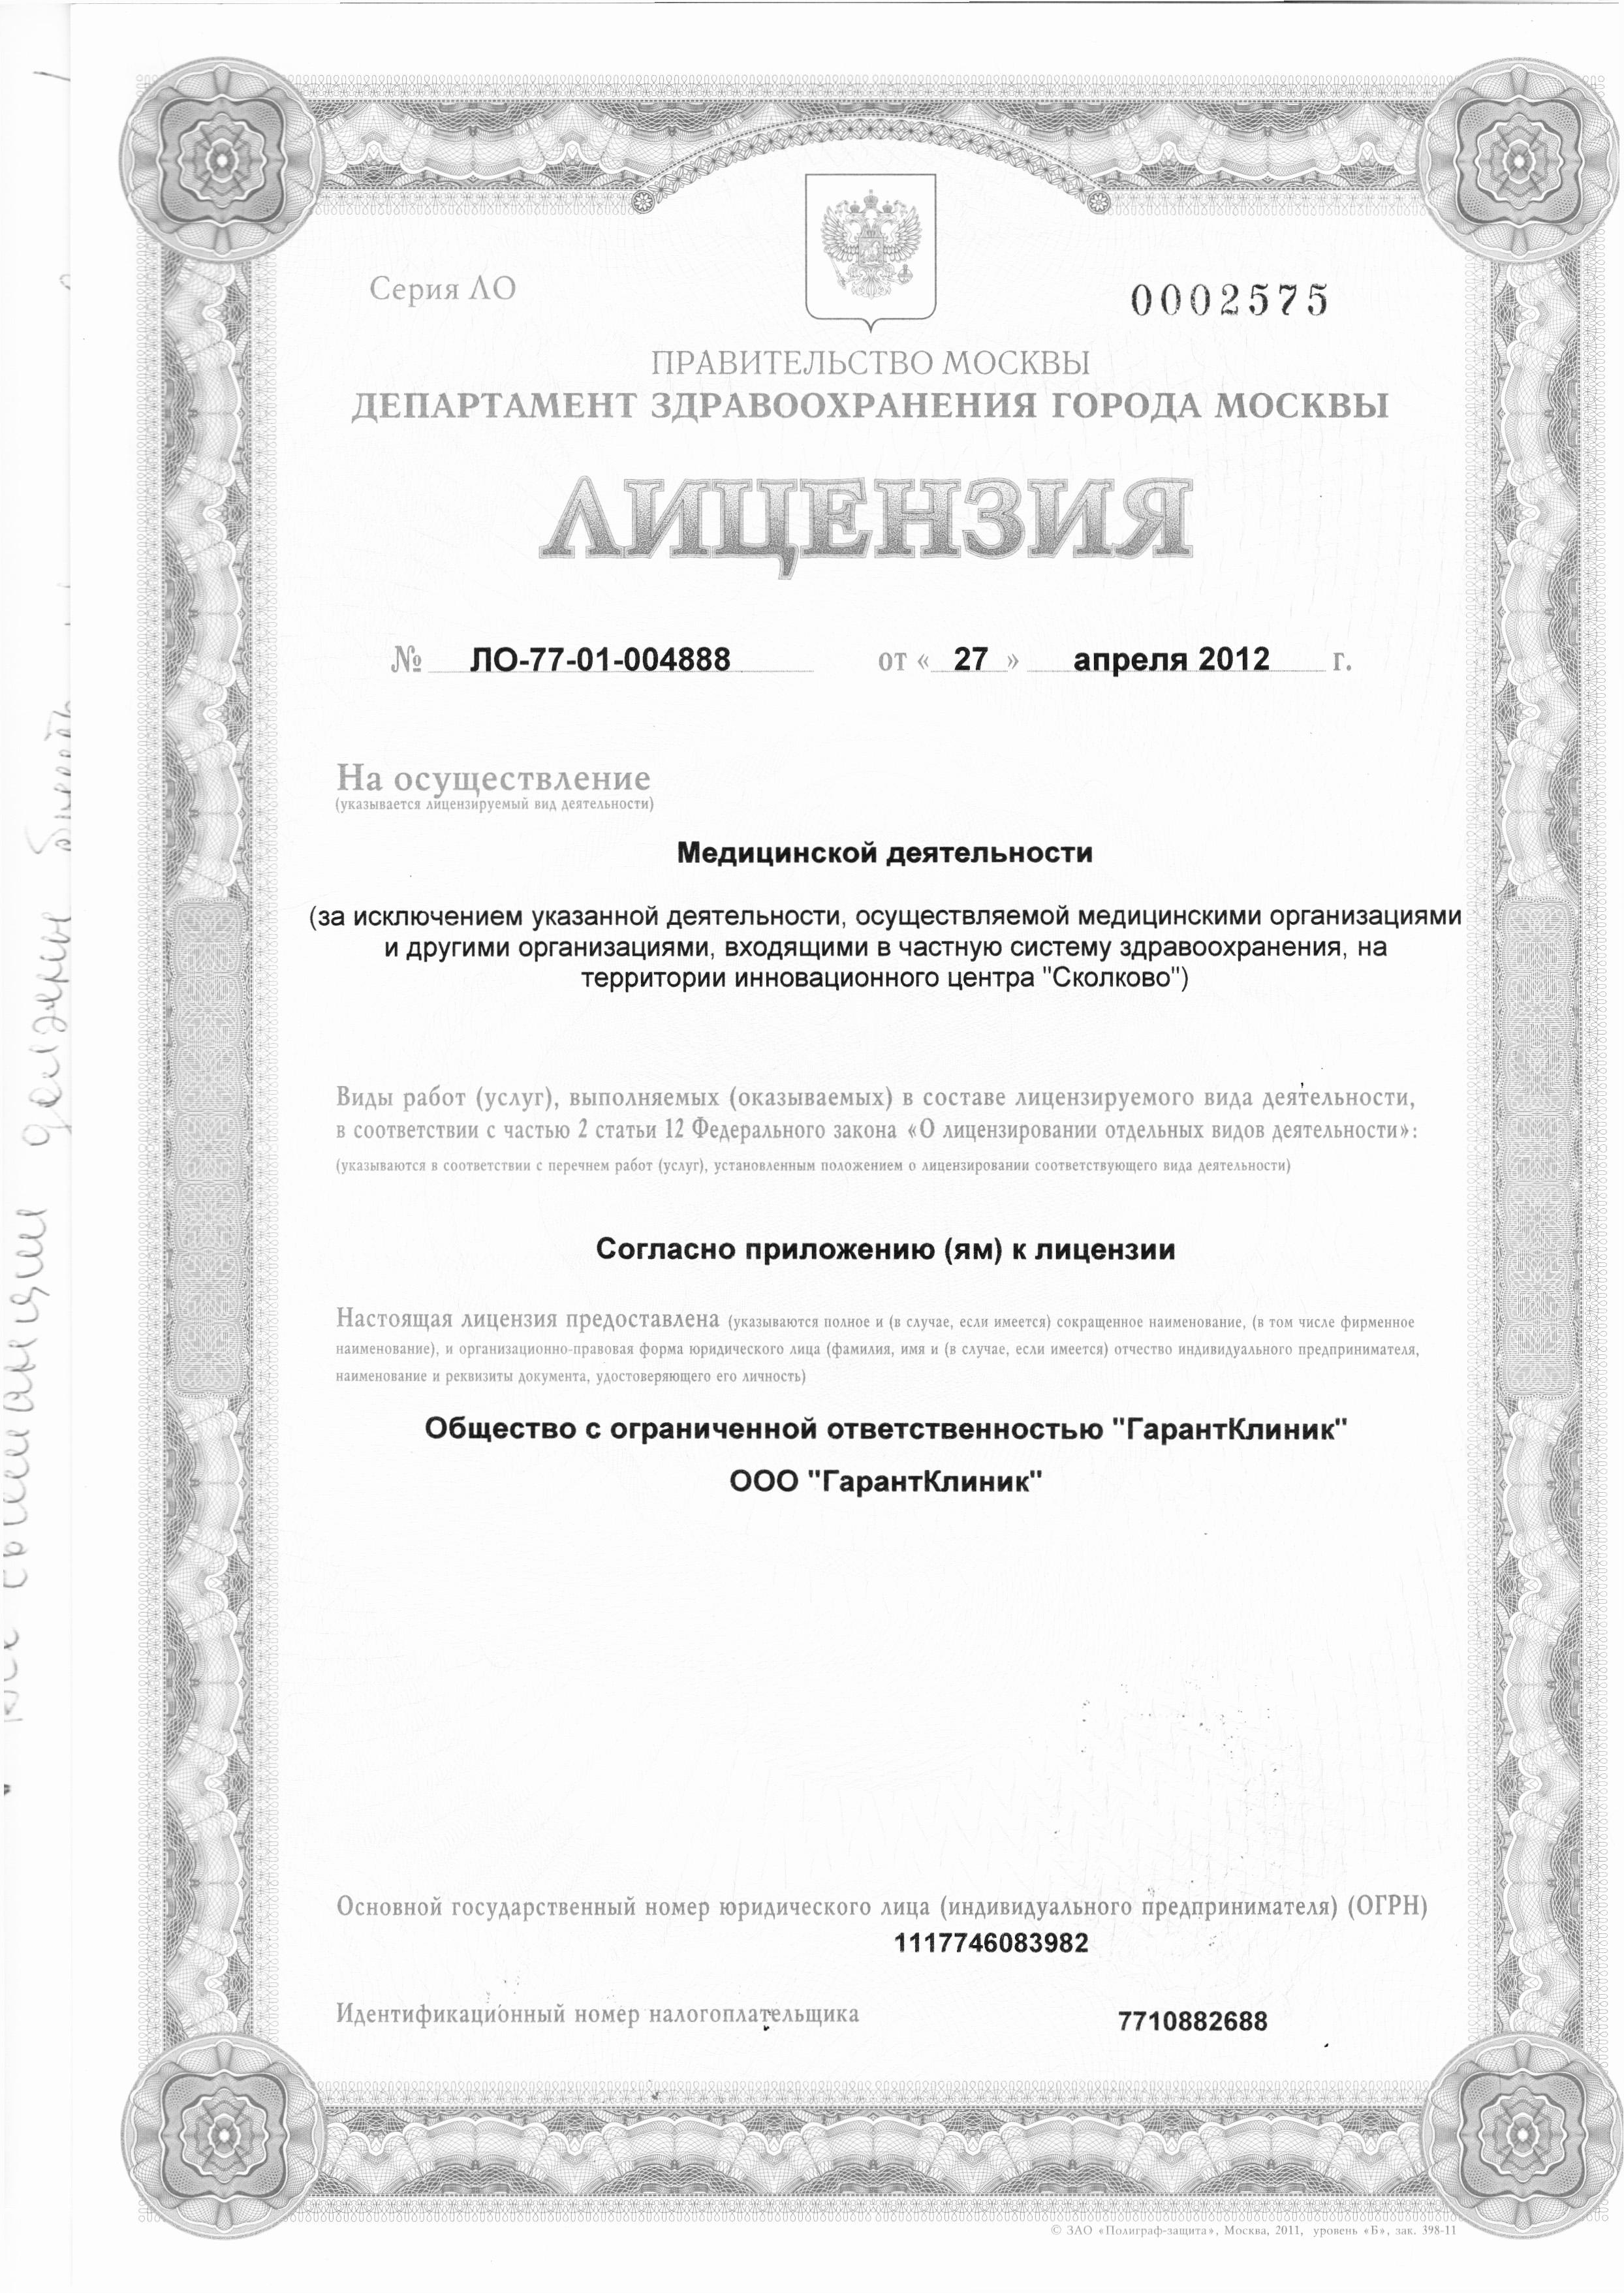 Аренда операционной с оборудованием в Москве плюс хирургическое обеспечение от ведущих врачей специалистов ПМГМУ Сеченова.